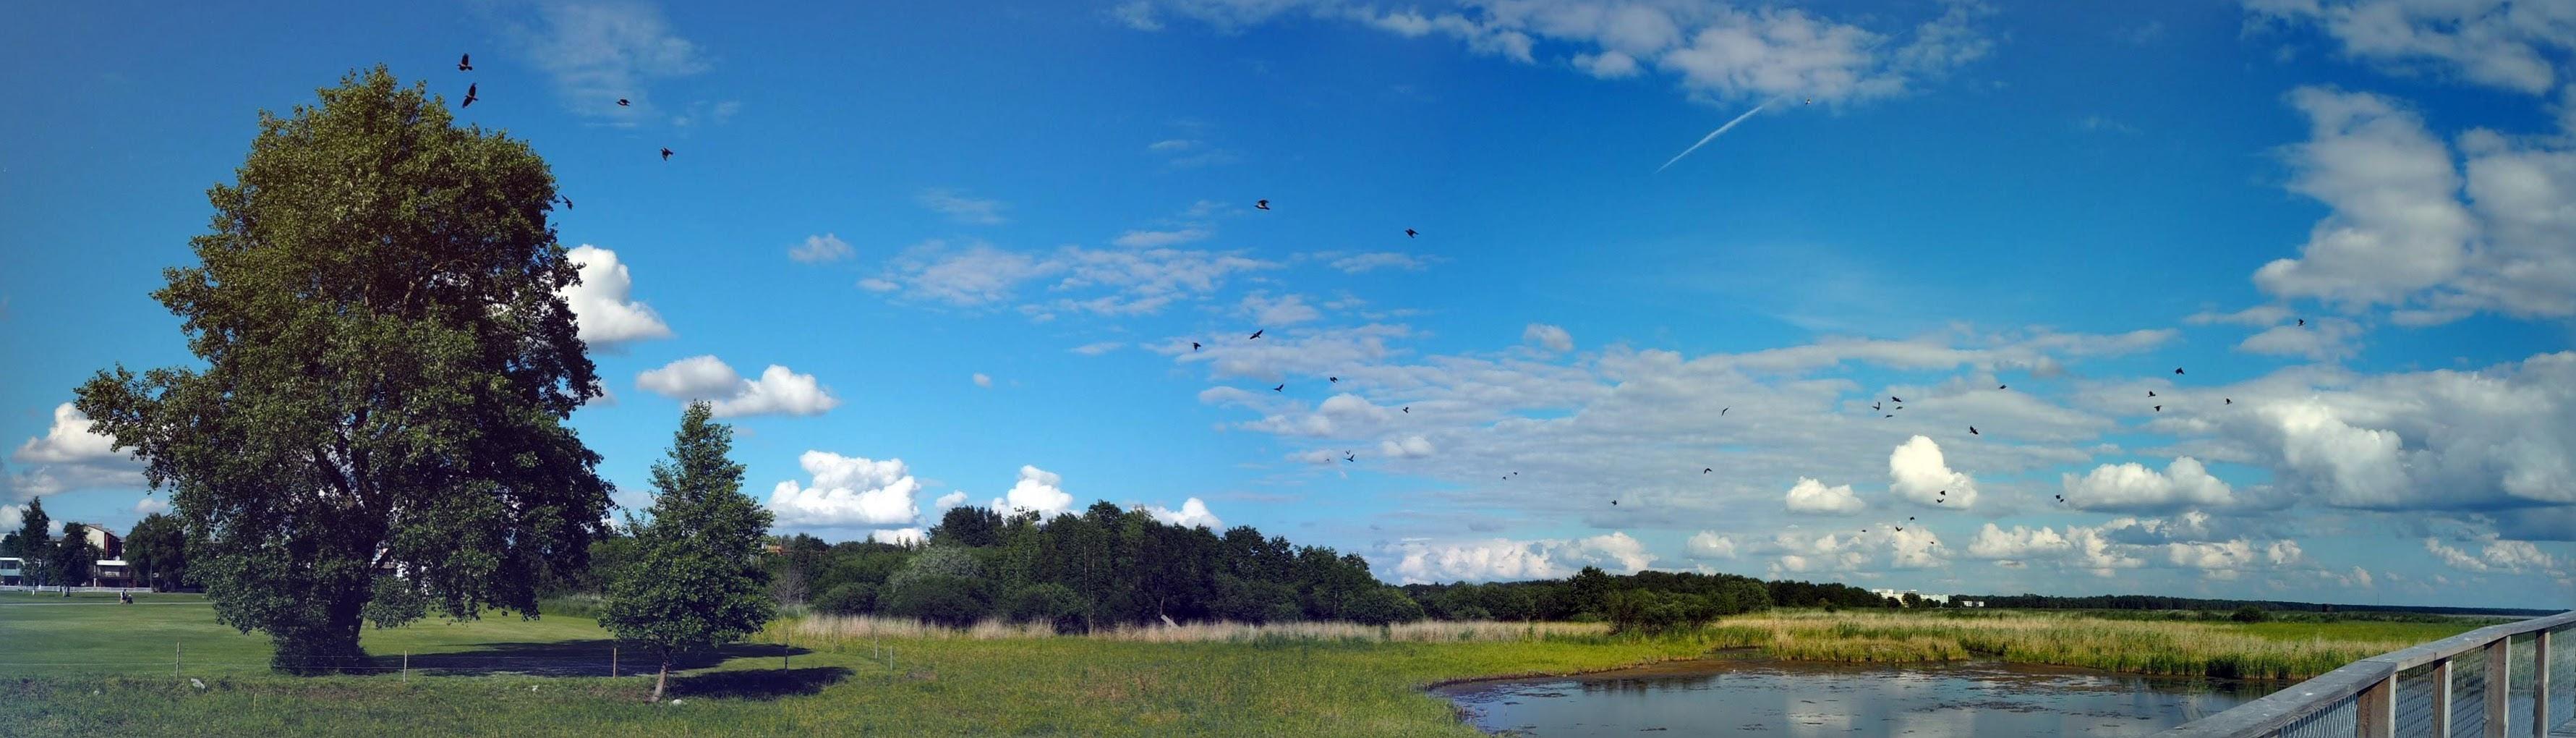 Pärnu ranta rannan luontopolku